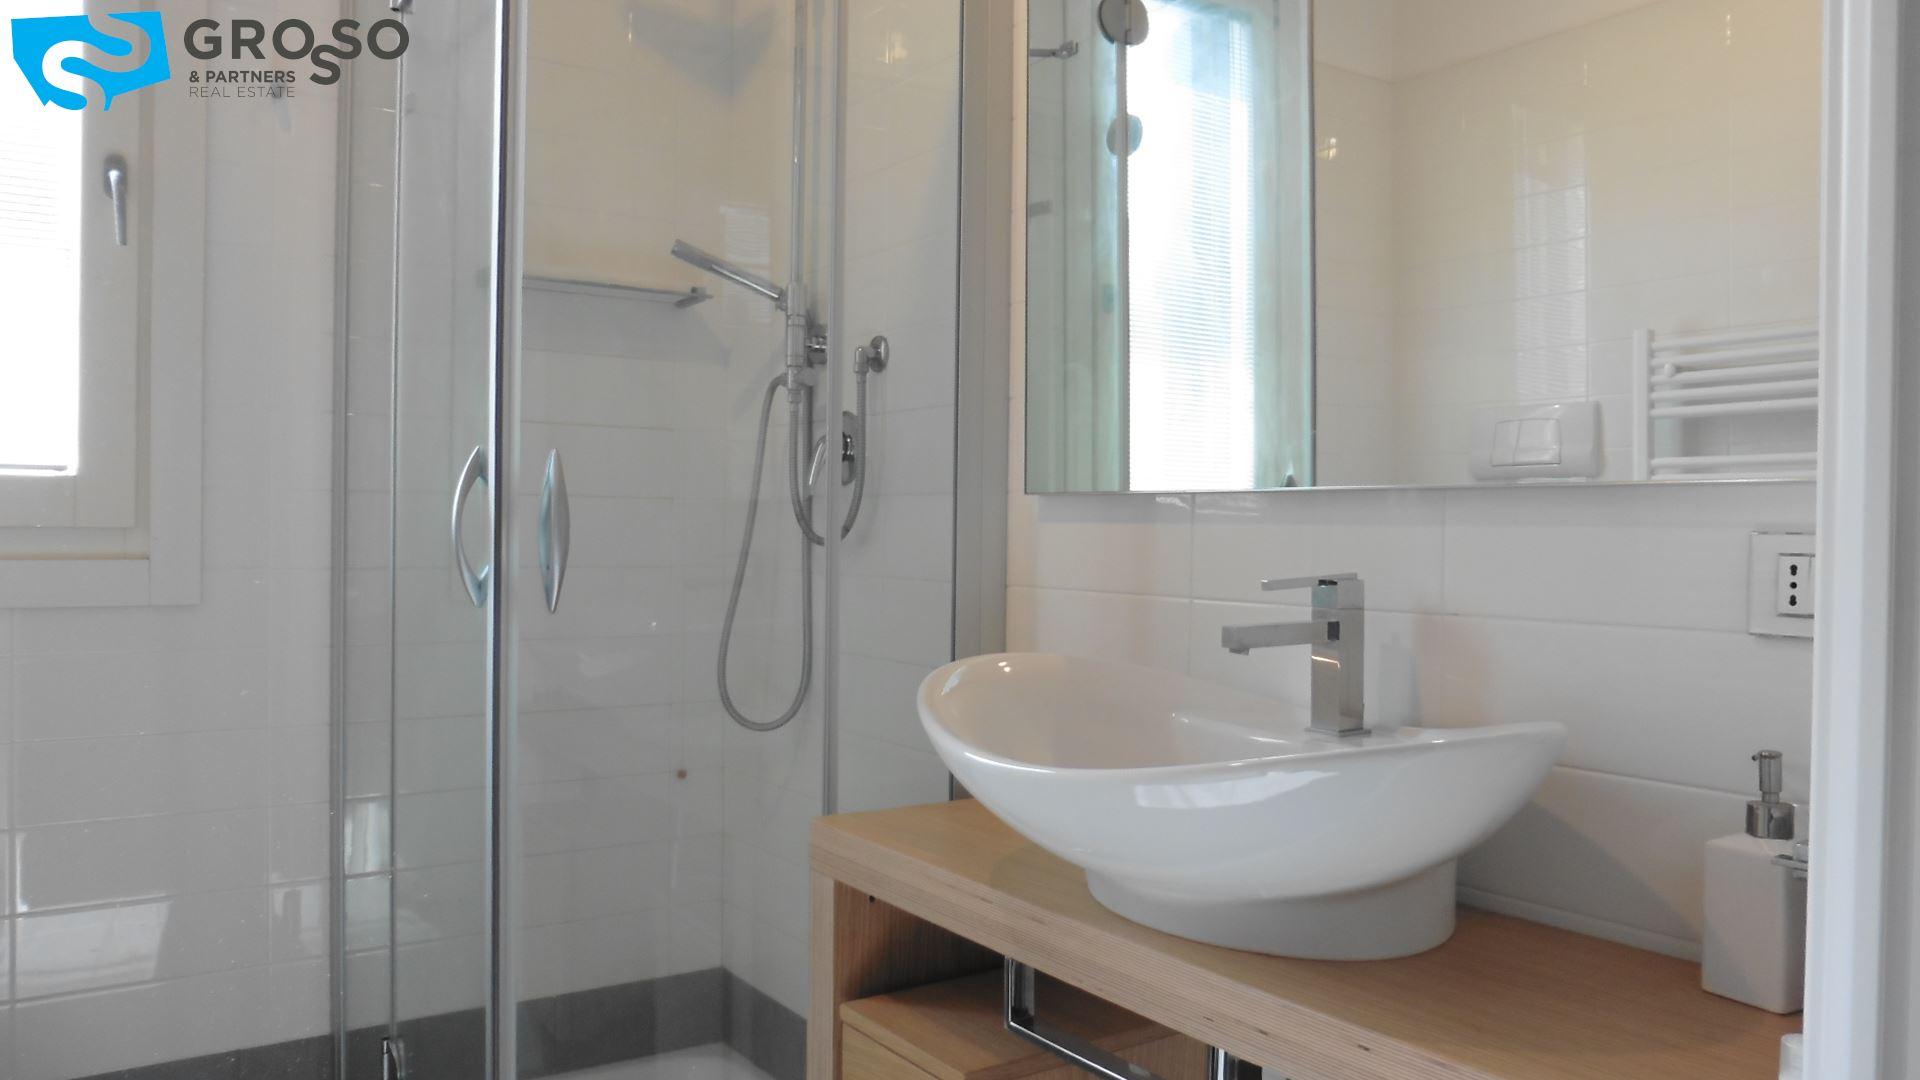 Vendita Mini-Appartamento Mini Jesolo - Grosso & Partners  Real ...